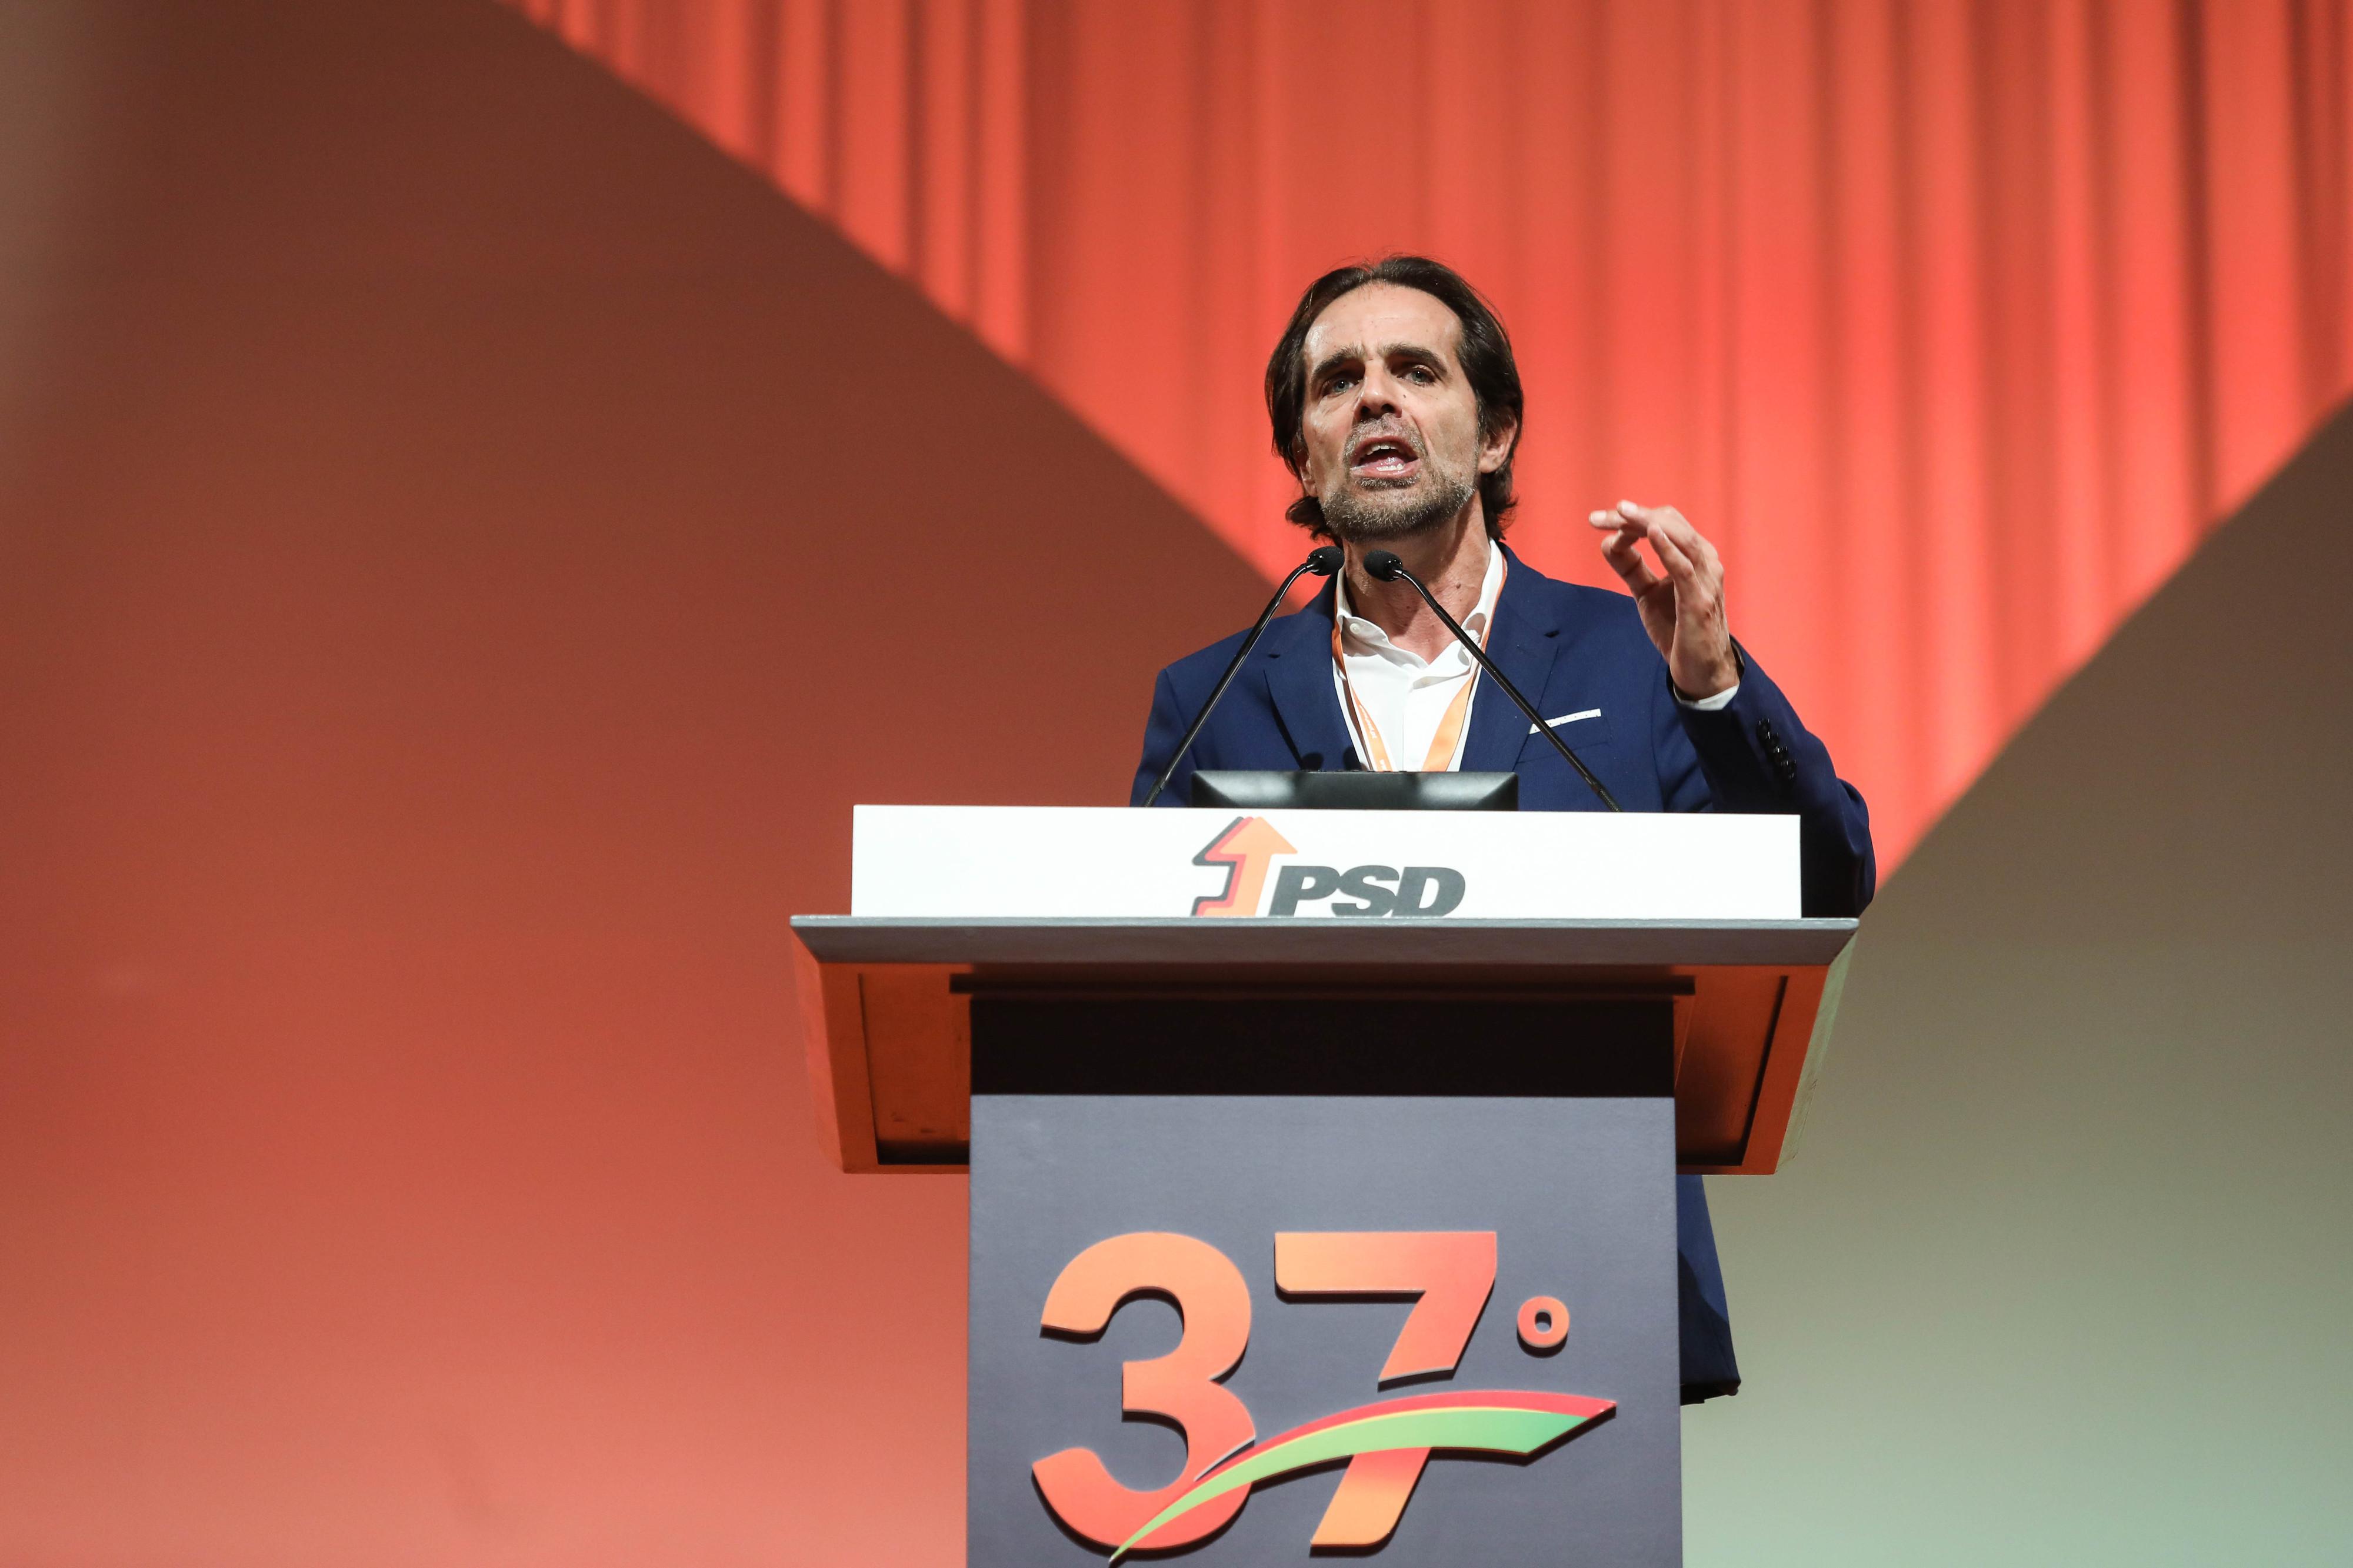 Miguel Albuquerque promete ganhar regionais de 2019 na Madeira